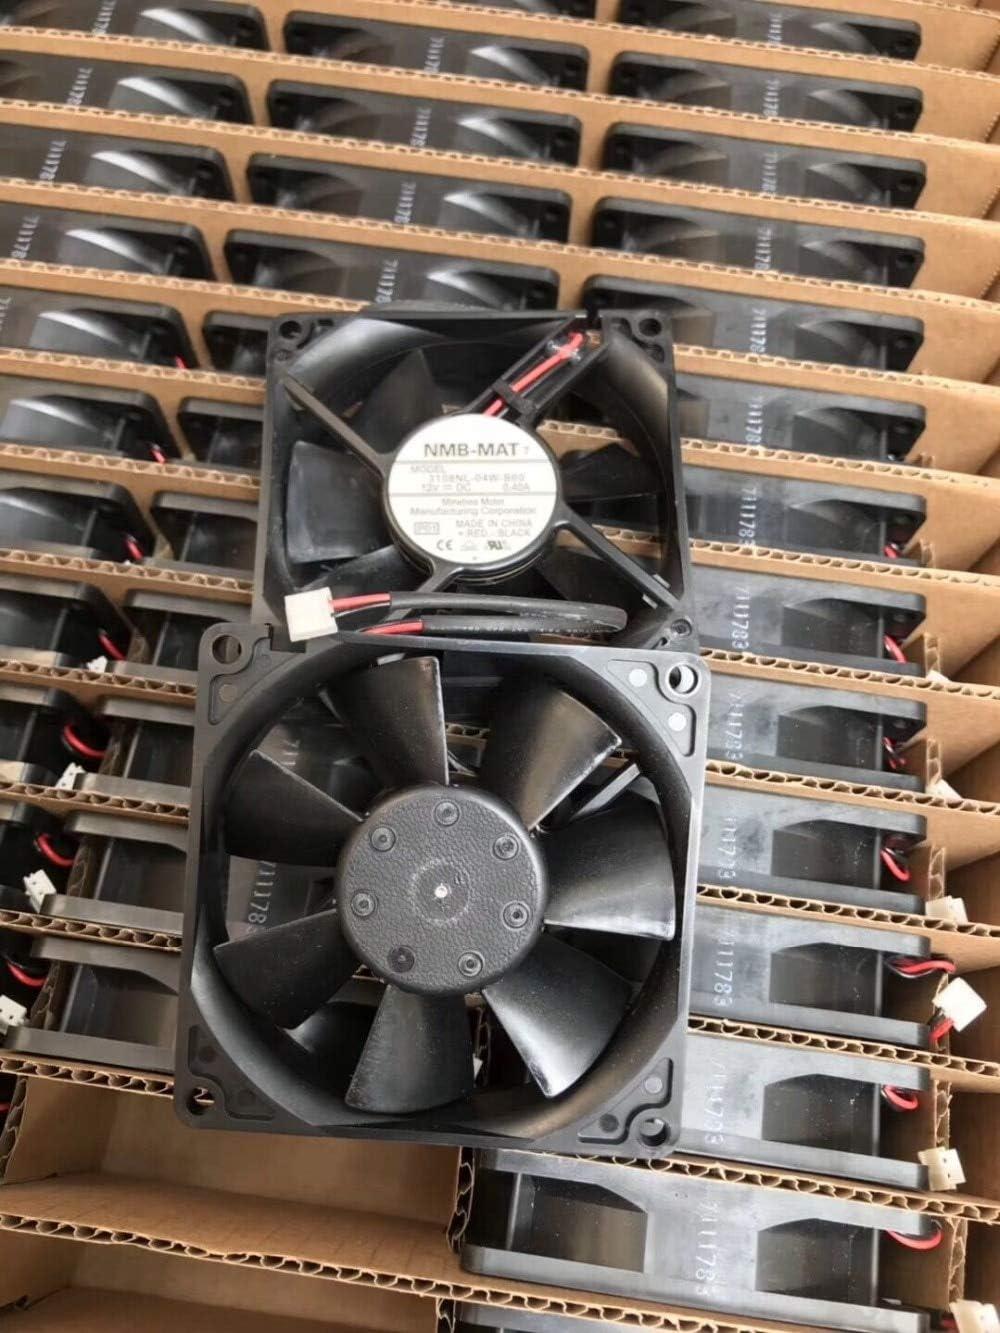 New Original For NMB 3108NL-04W-B60 DC 12V 0.40A 8020 8cm 808020mm 2 wire cooling fan